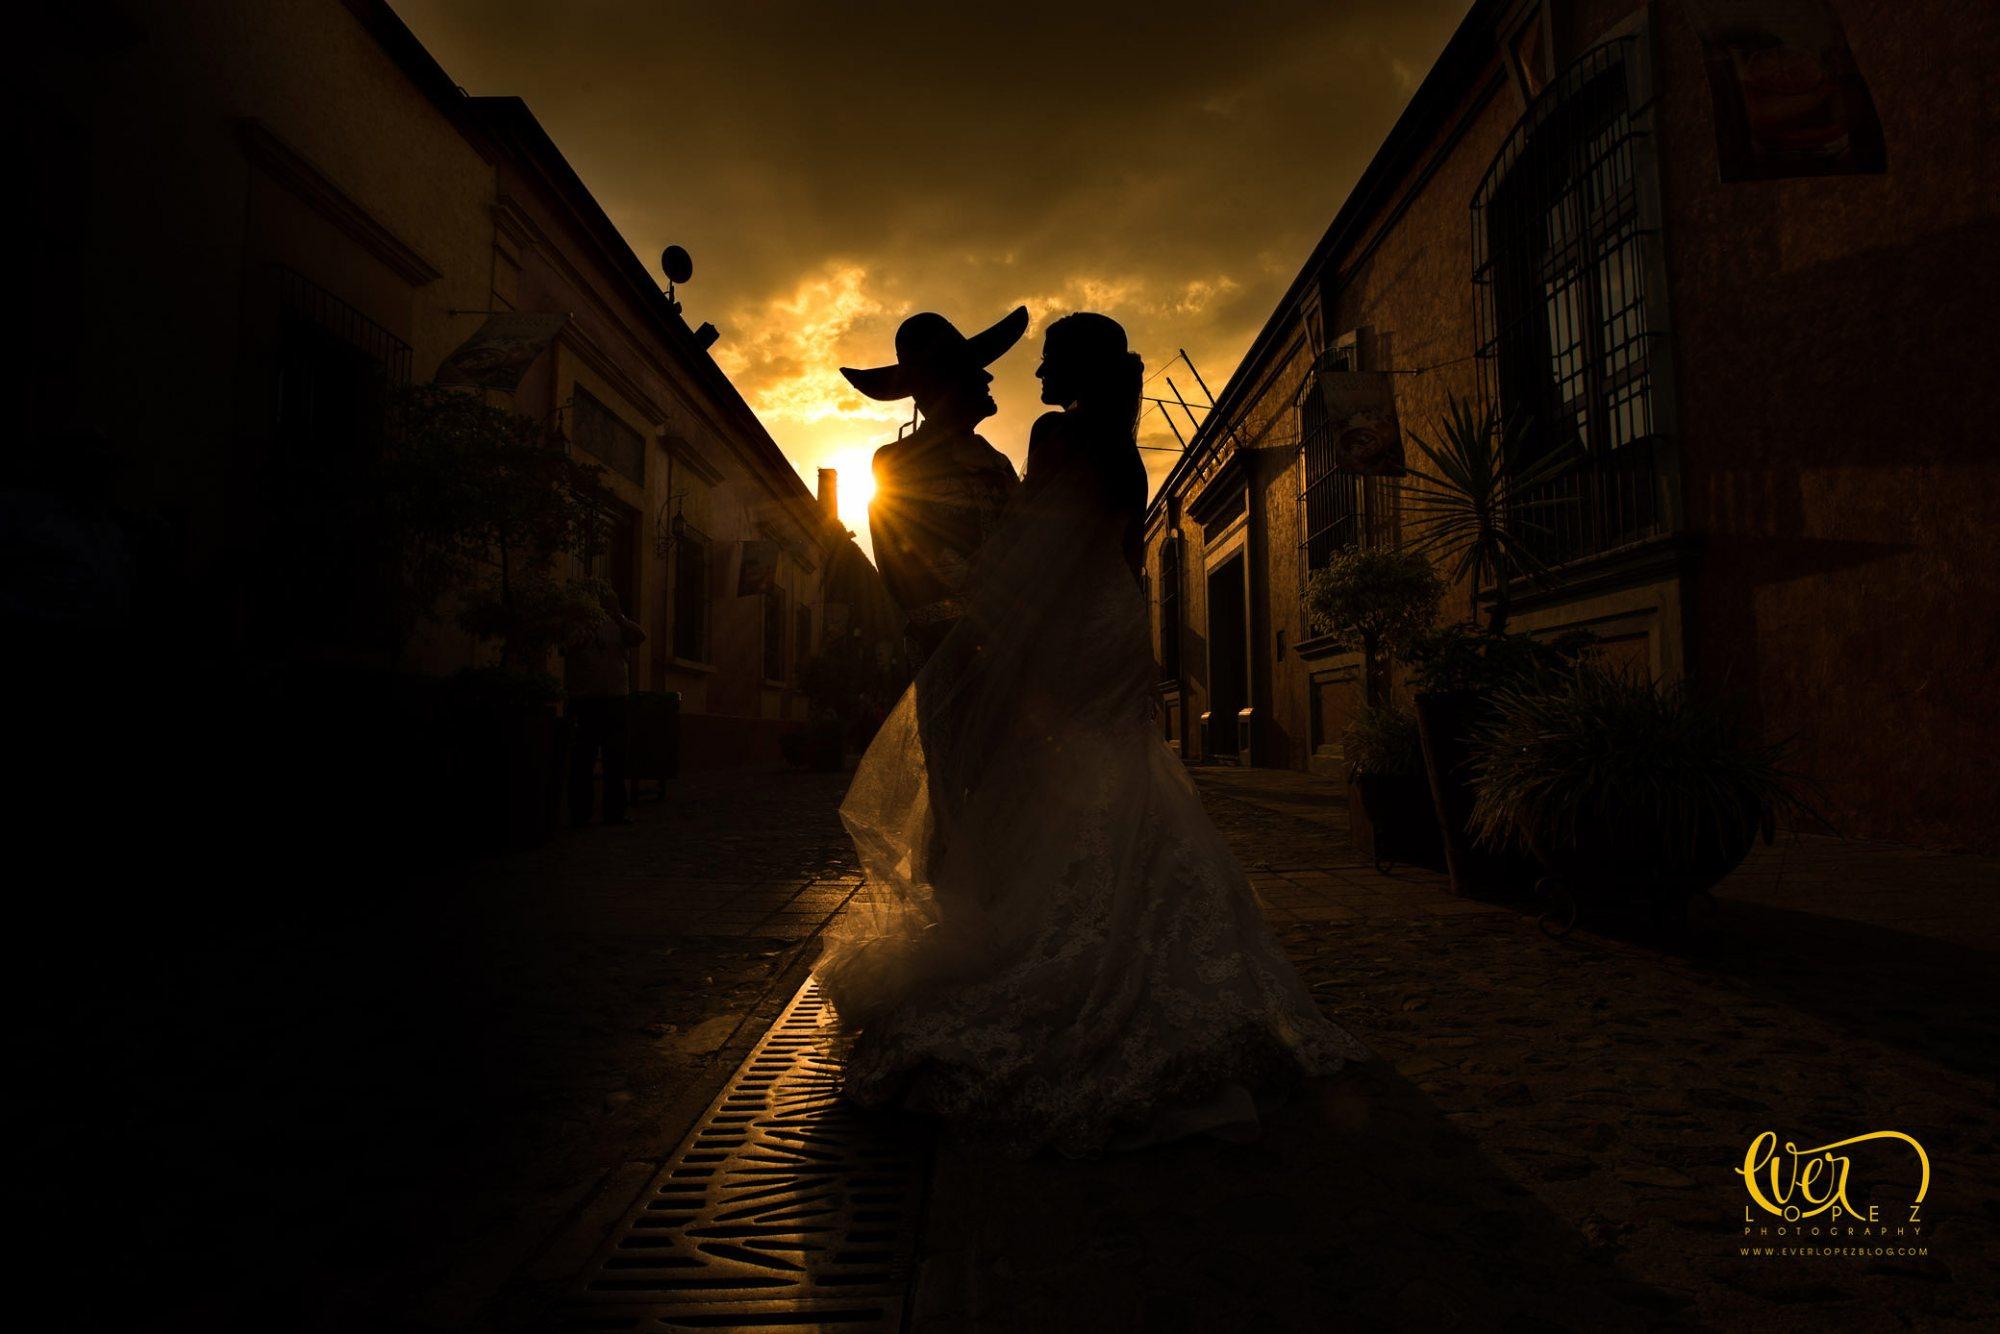 Ever Lopez fotografo para bodas en Guadalajara Jalisco